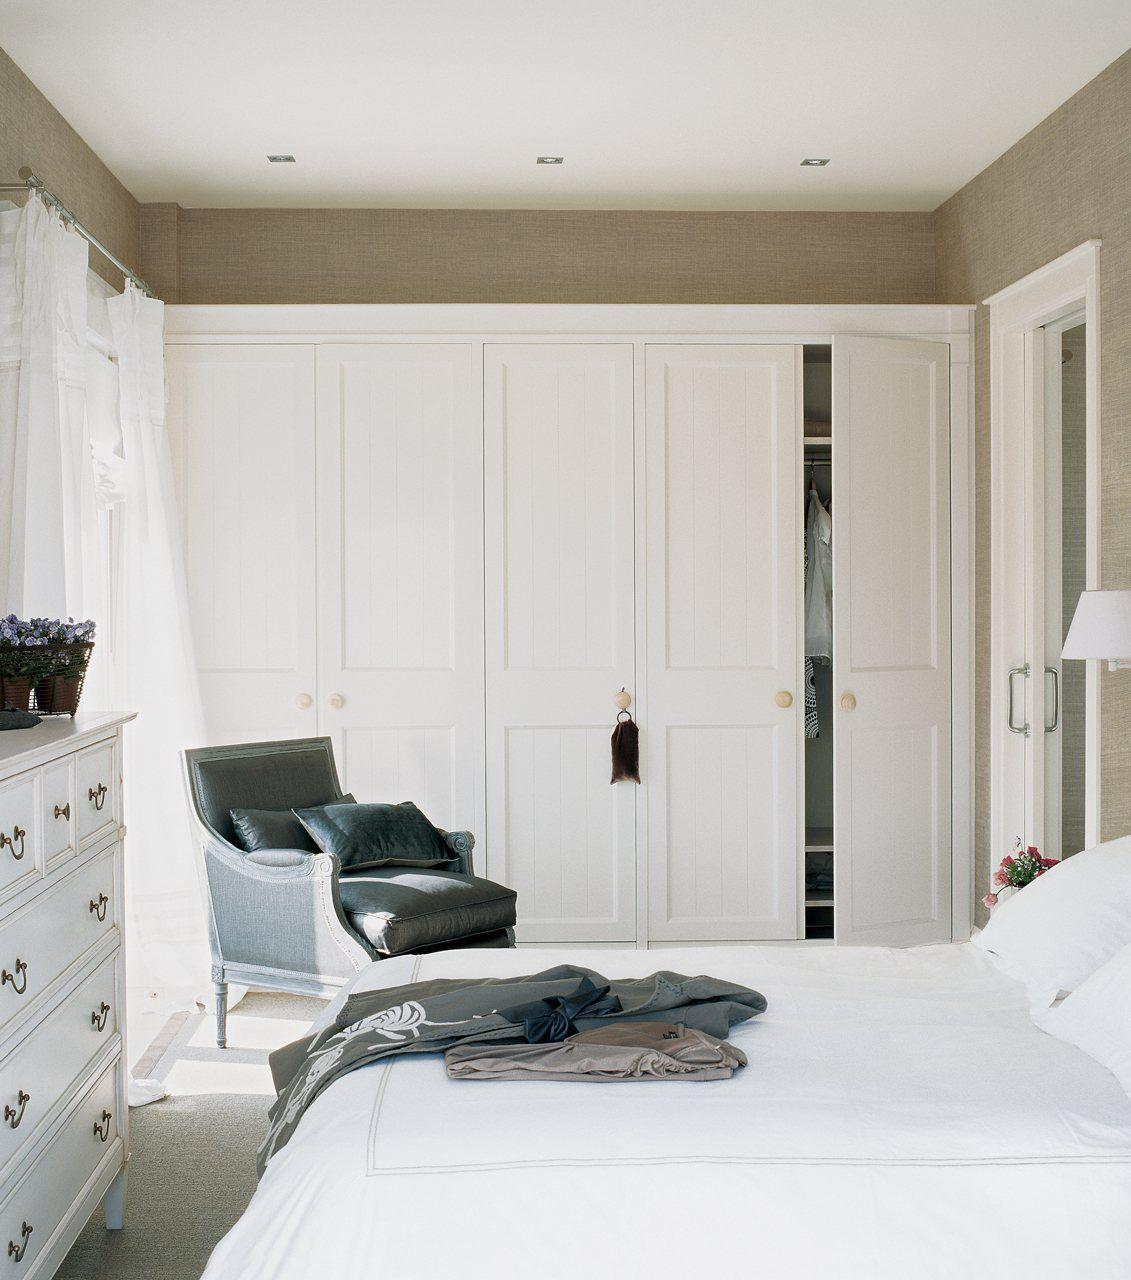 Dormitorios peque os con ideas miscelaneous for Gabinete de almacenamiento dormitorio